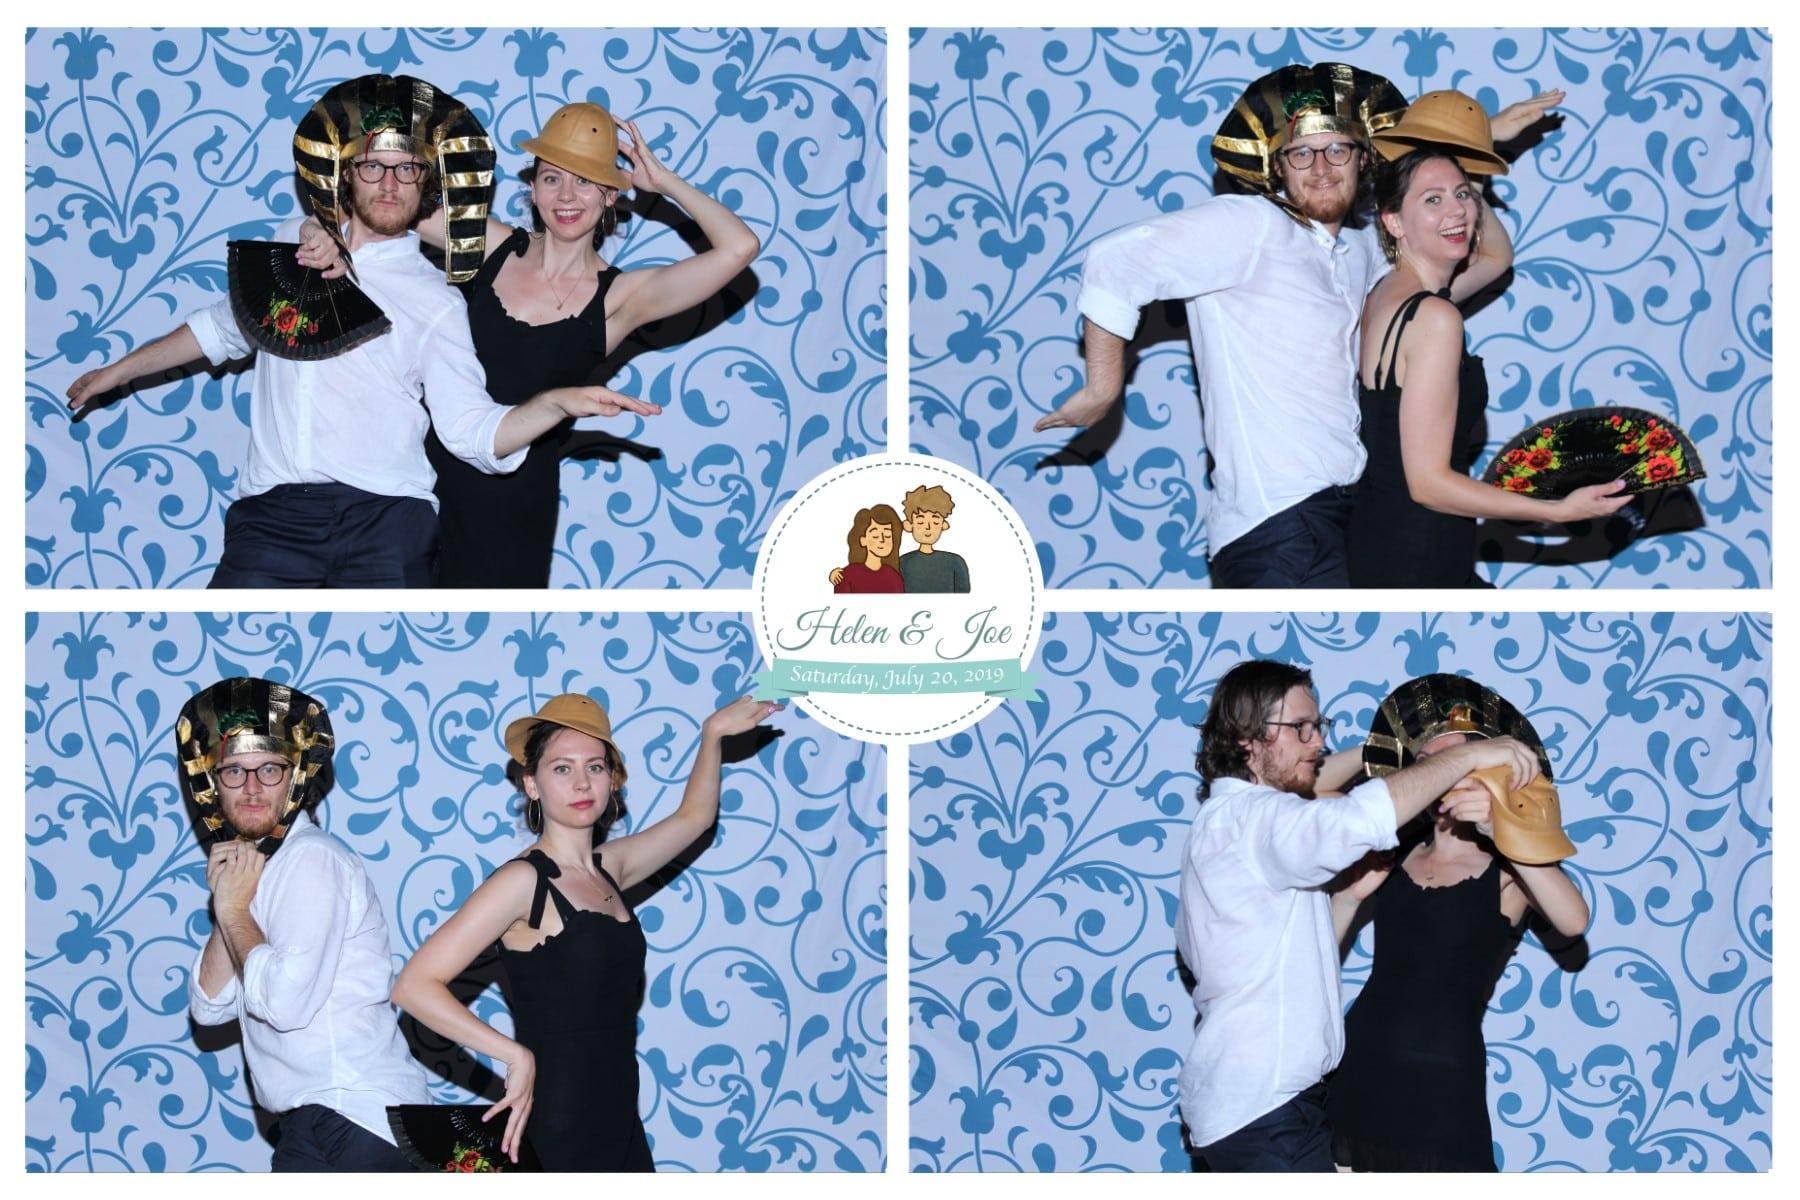 Helen y Joe 20072019 MrFotomaton (8)-min